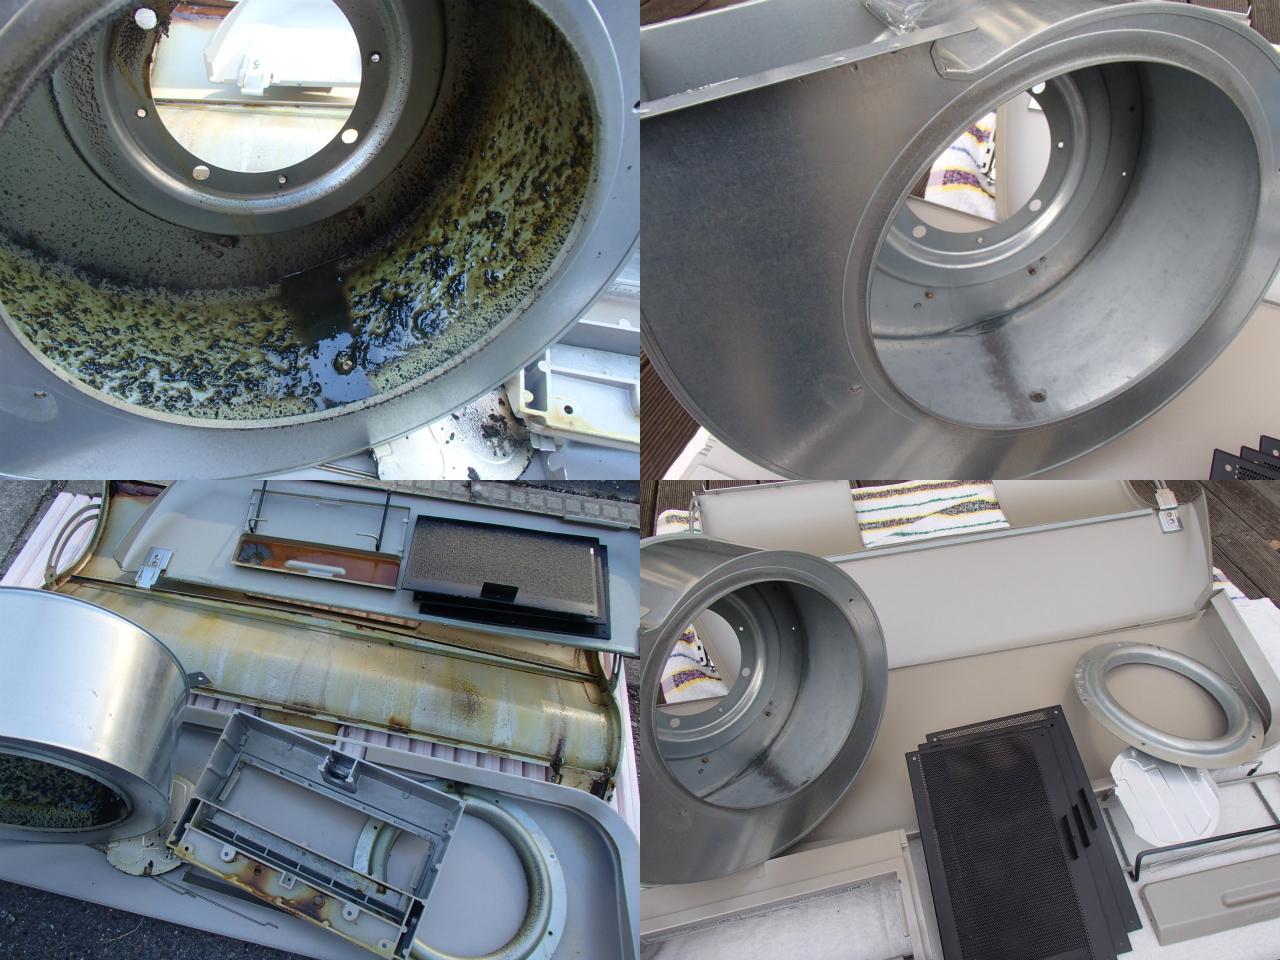 http://ajras.net/images/121205-rengehood2.jpg